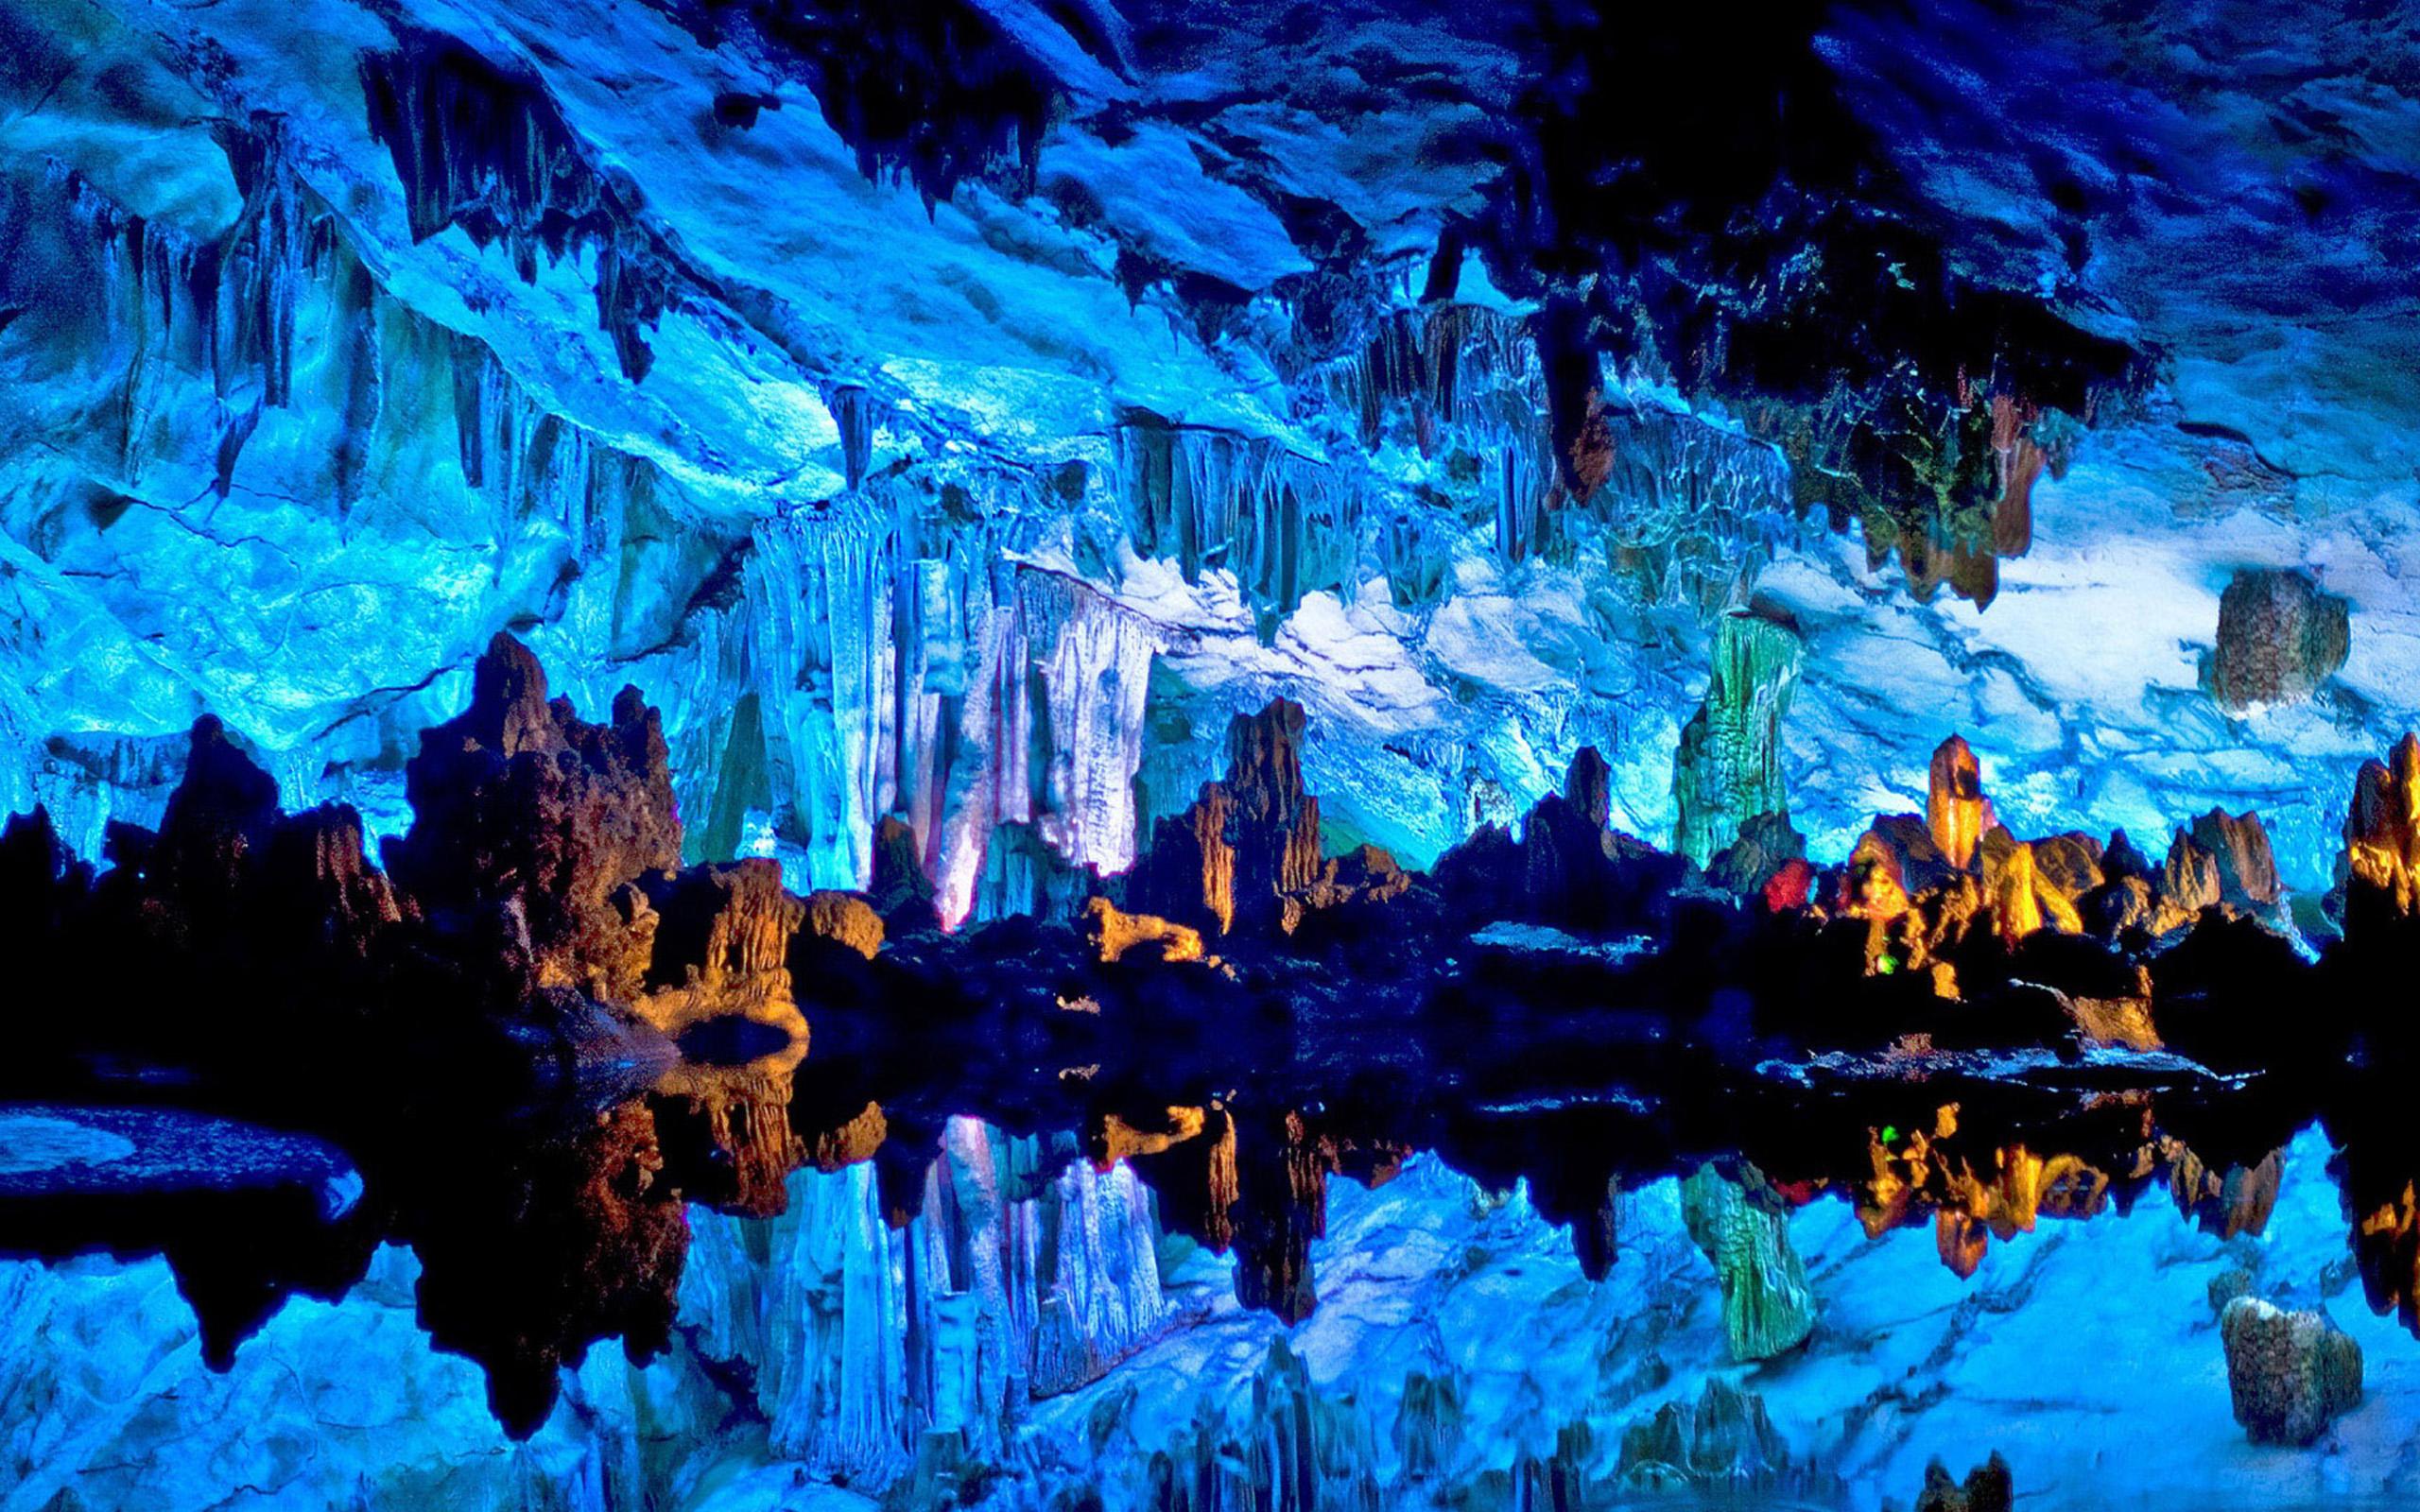 cave widescreen wallpaper 52611